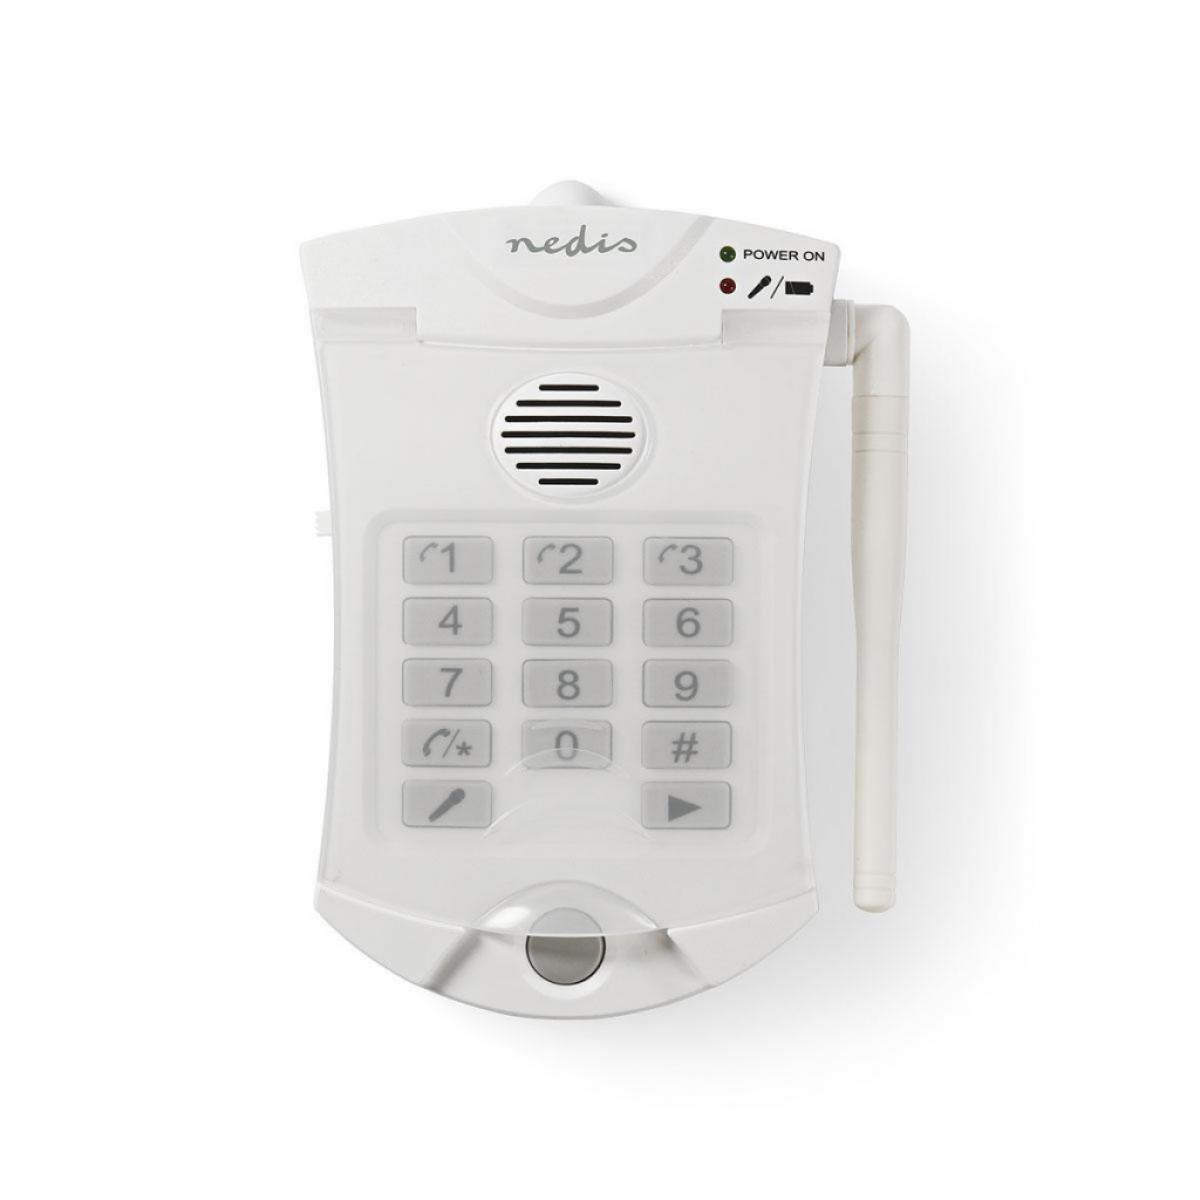 Nedis Composeur pour Alarme de Sécurité Personnelle | RTCP | 3 Numéros Programmables | Fonctionne jusqu'à 60 m